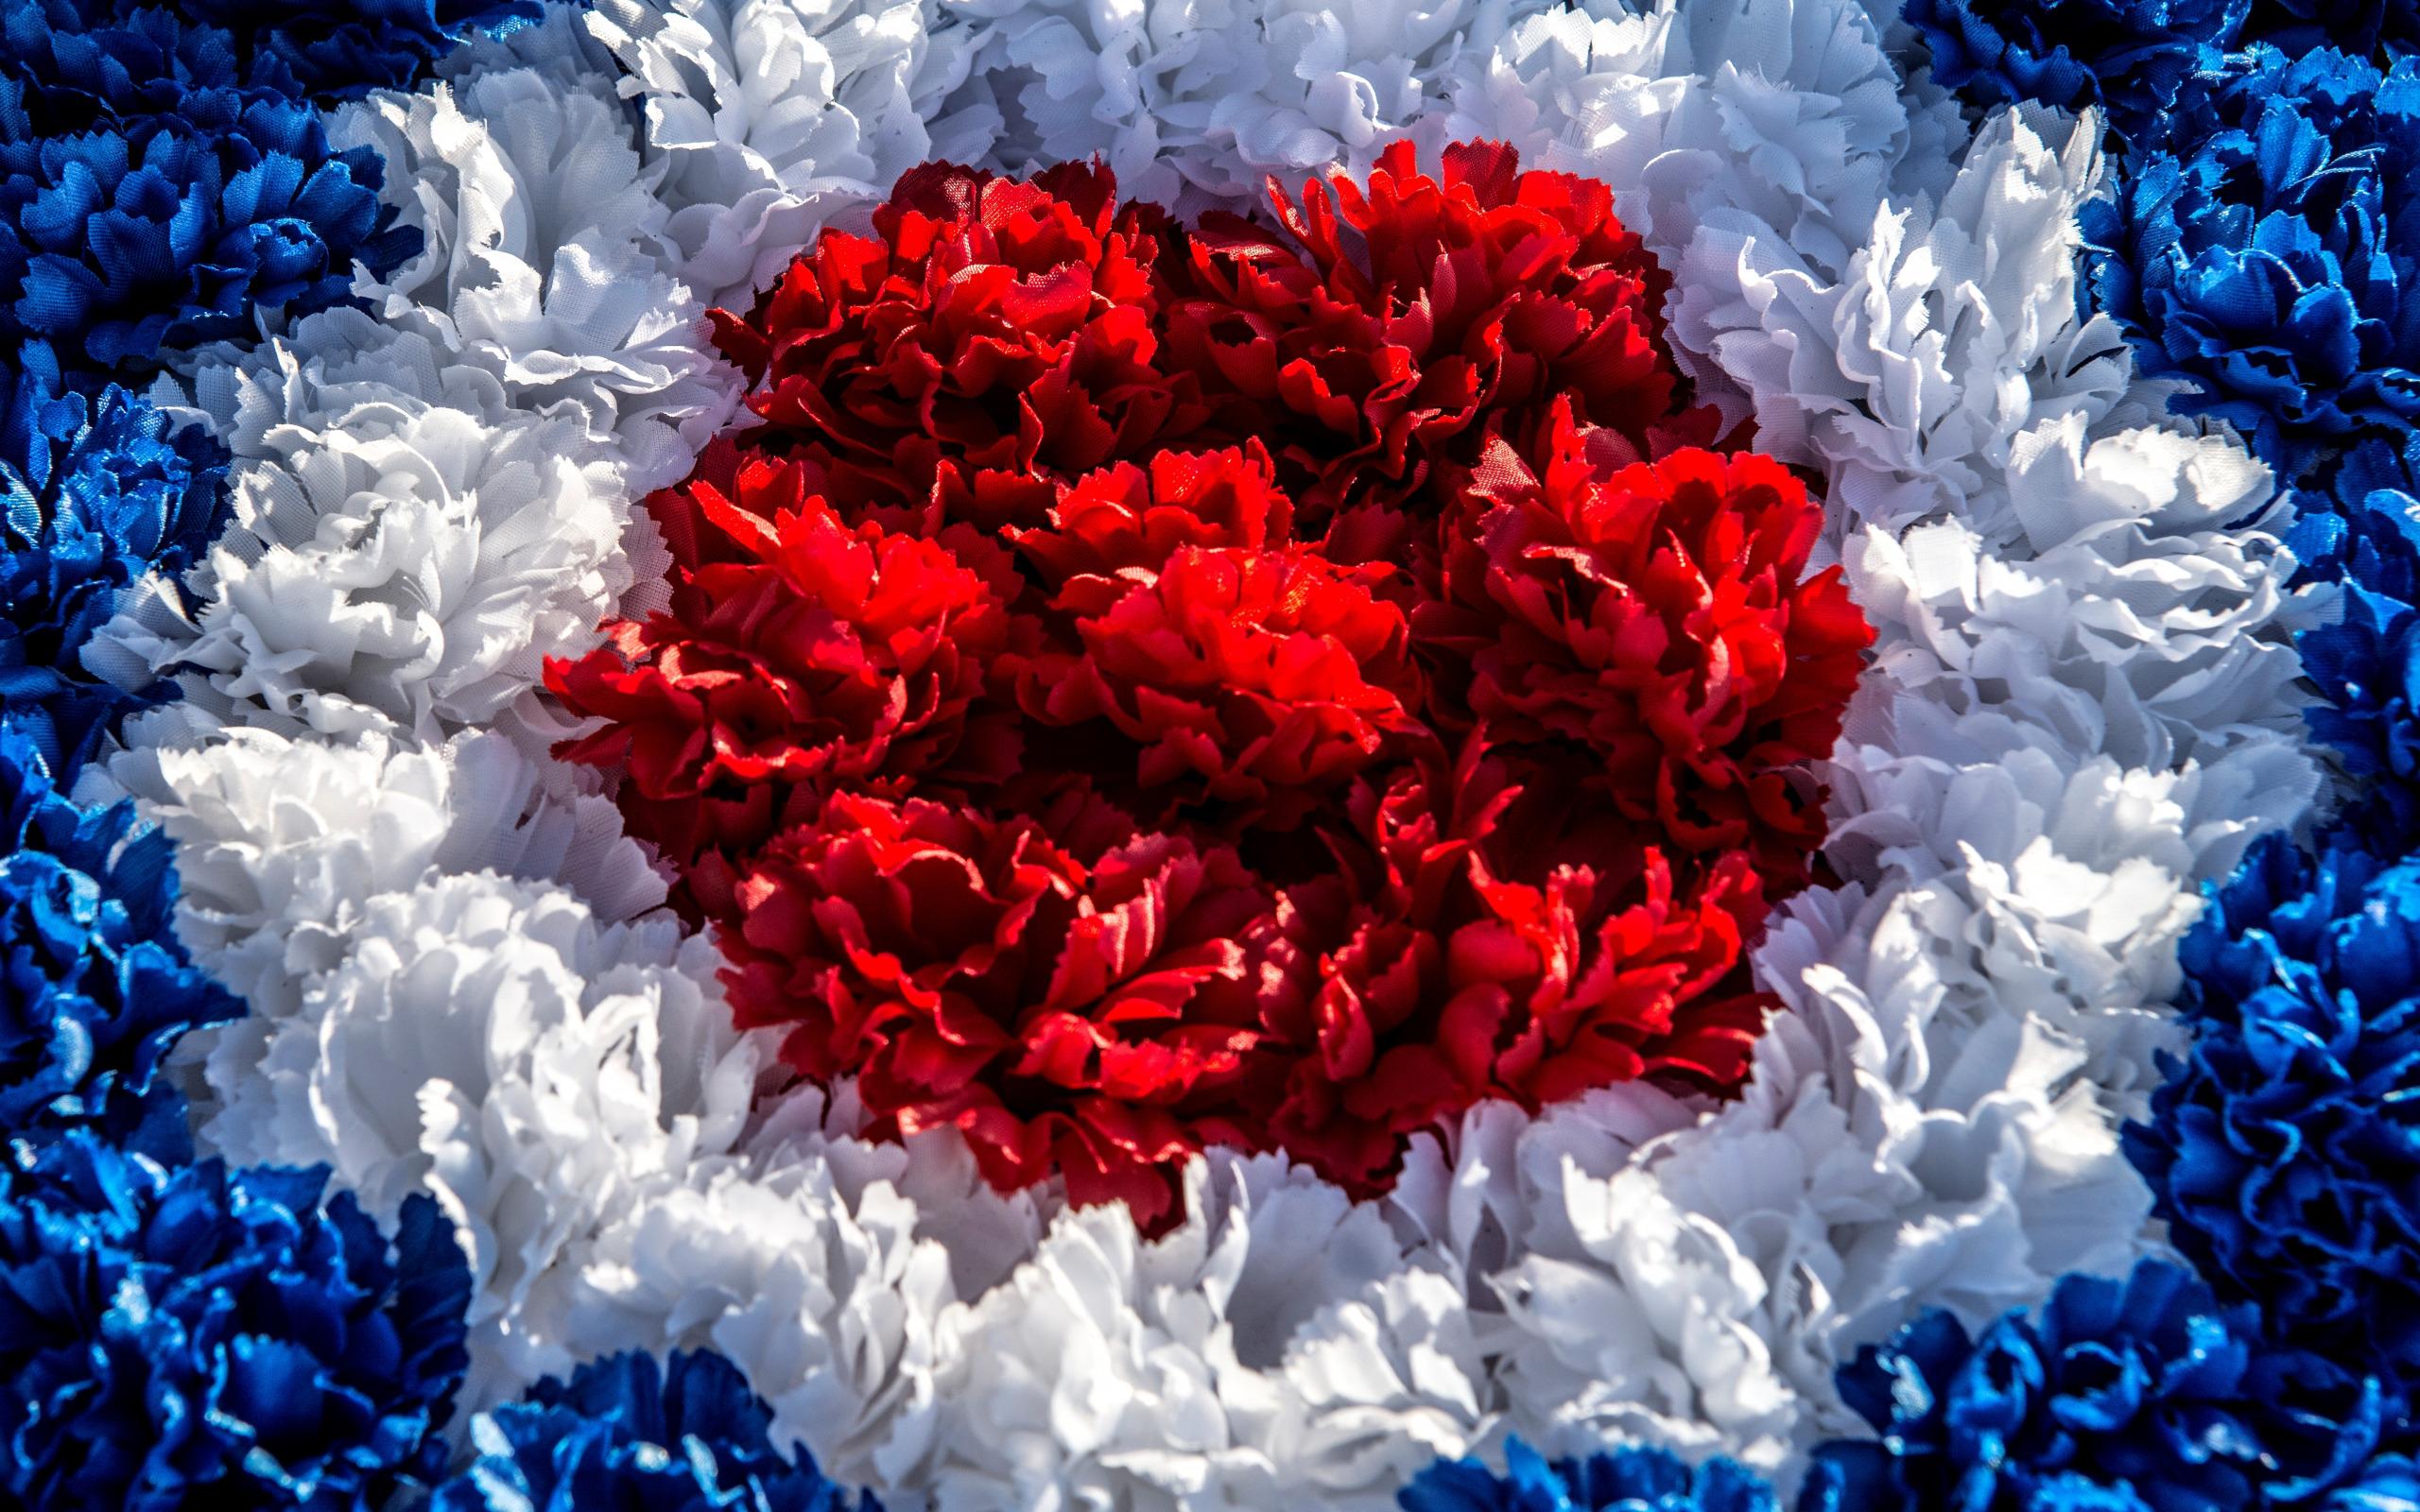 капроновая лента, картинки яркие красные синие натальи